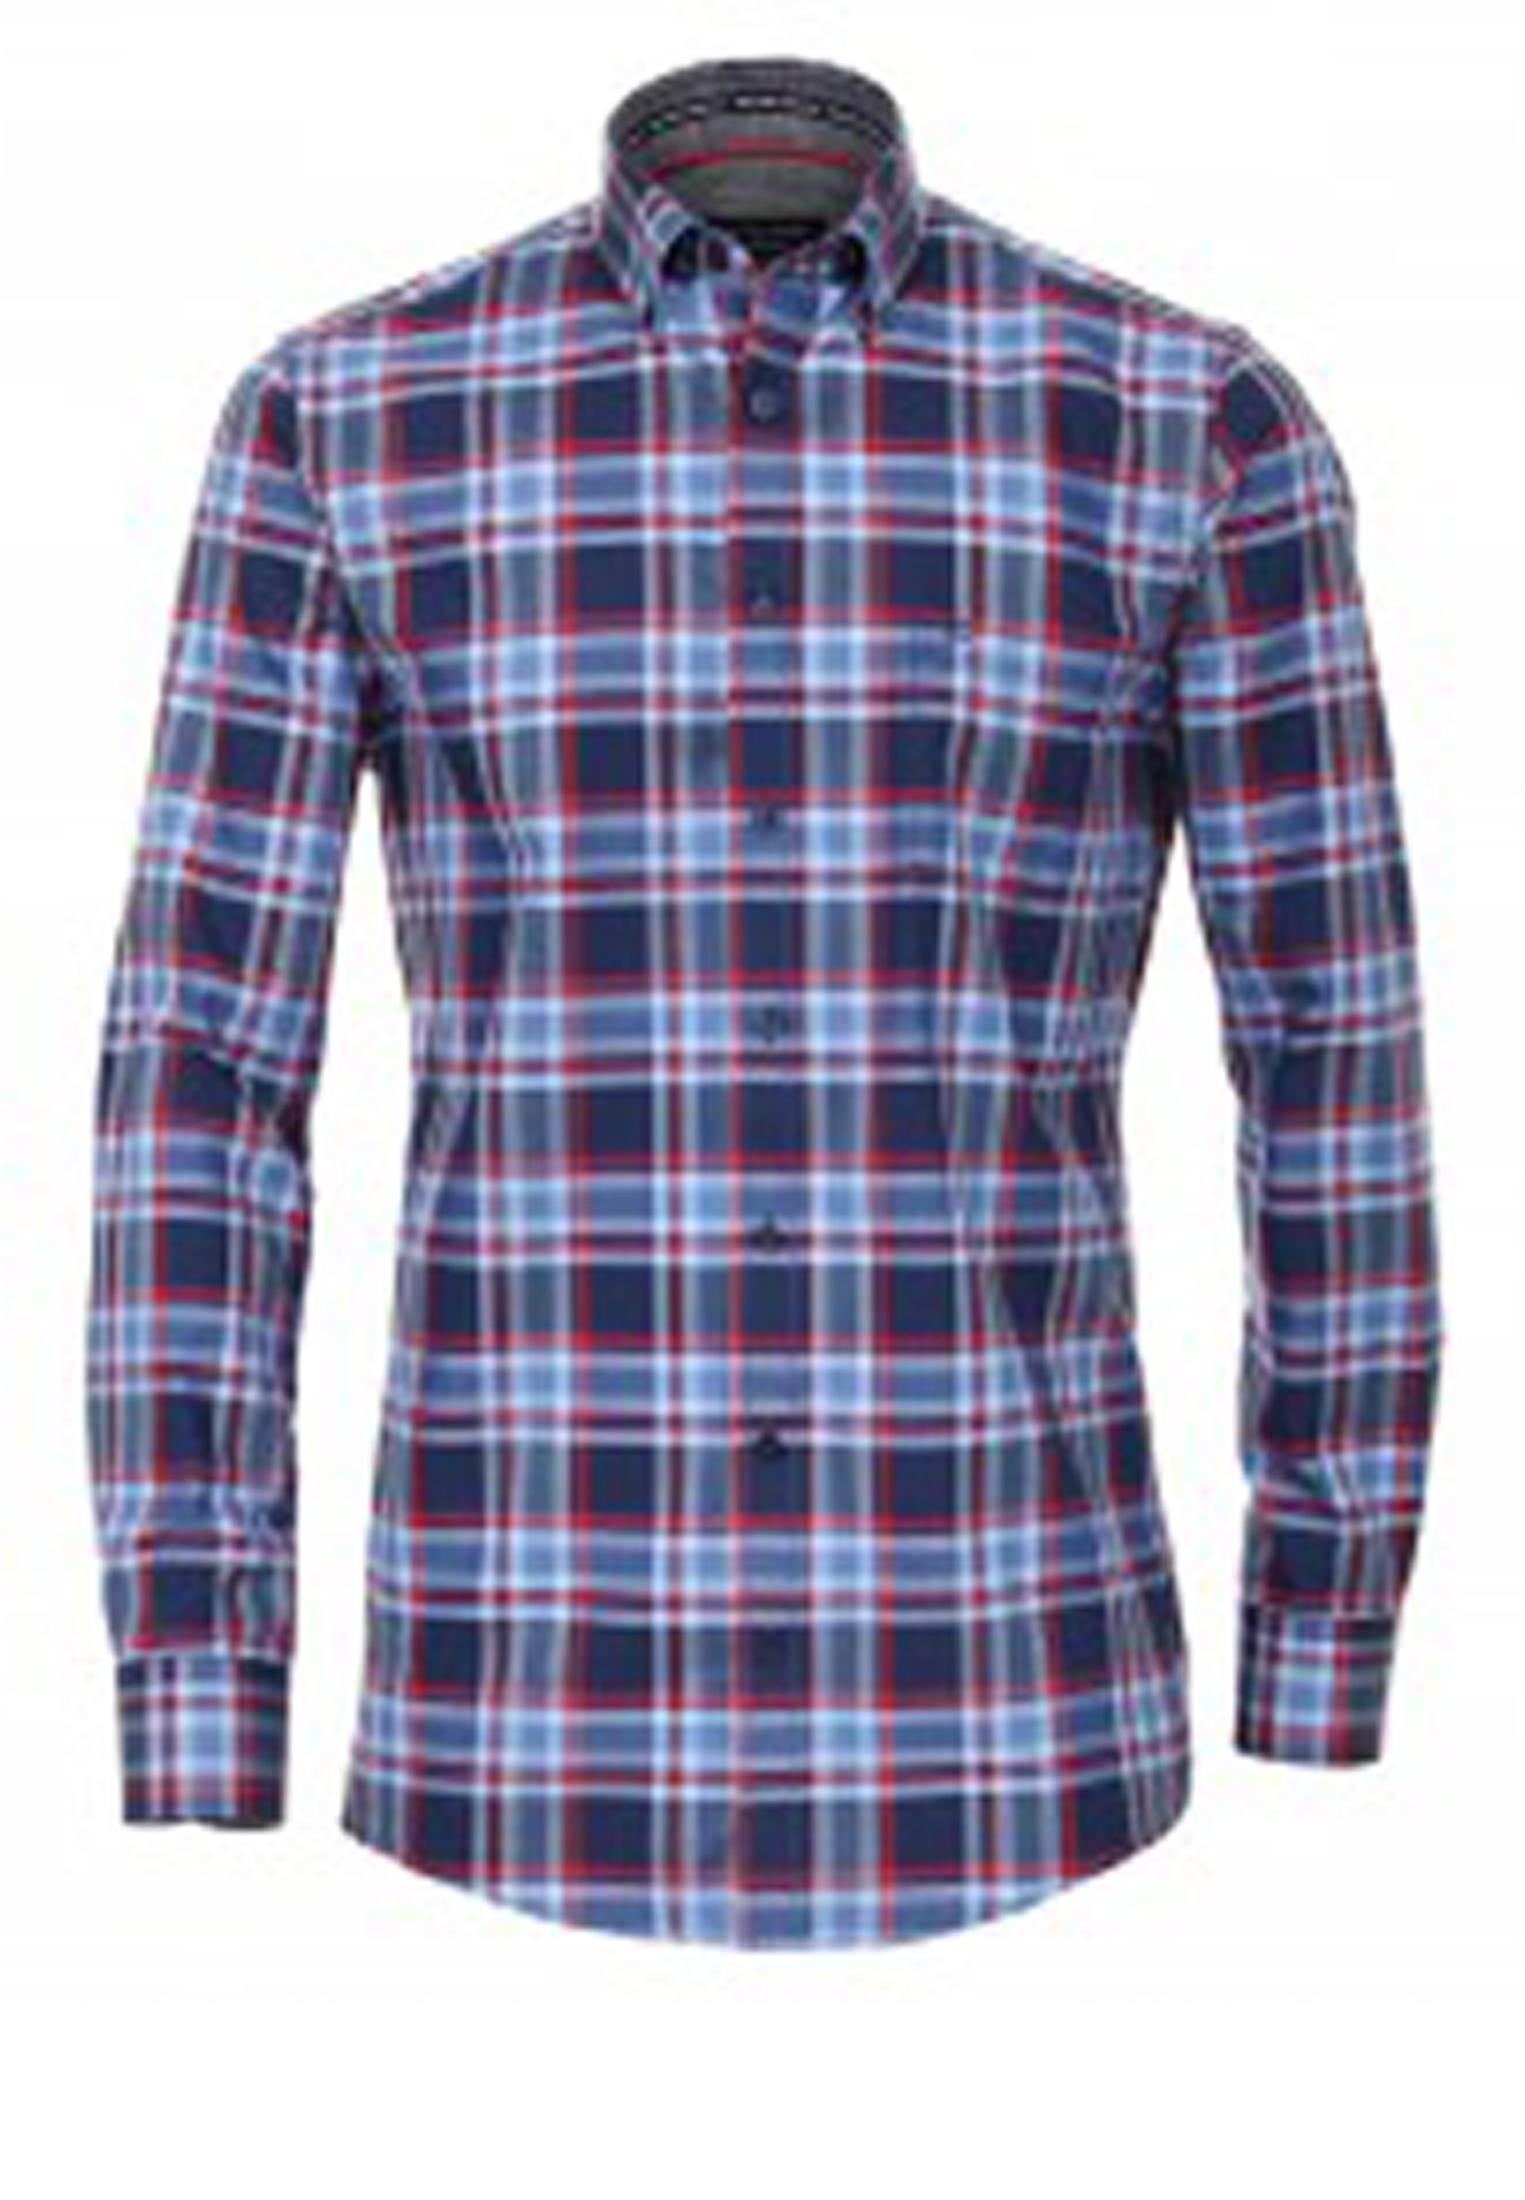 Overhemd met lange mouwen van Casa Moda met linkerborstzakje, contrastkleur stof in de boorden en button down kraag. Blauw-rood geblokt motief.